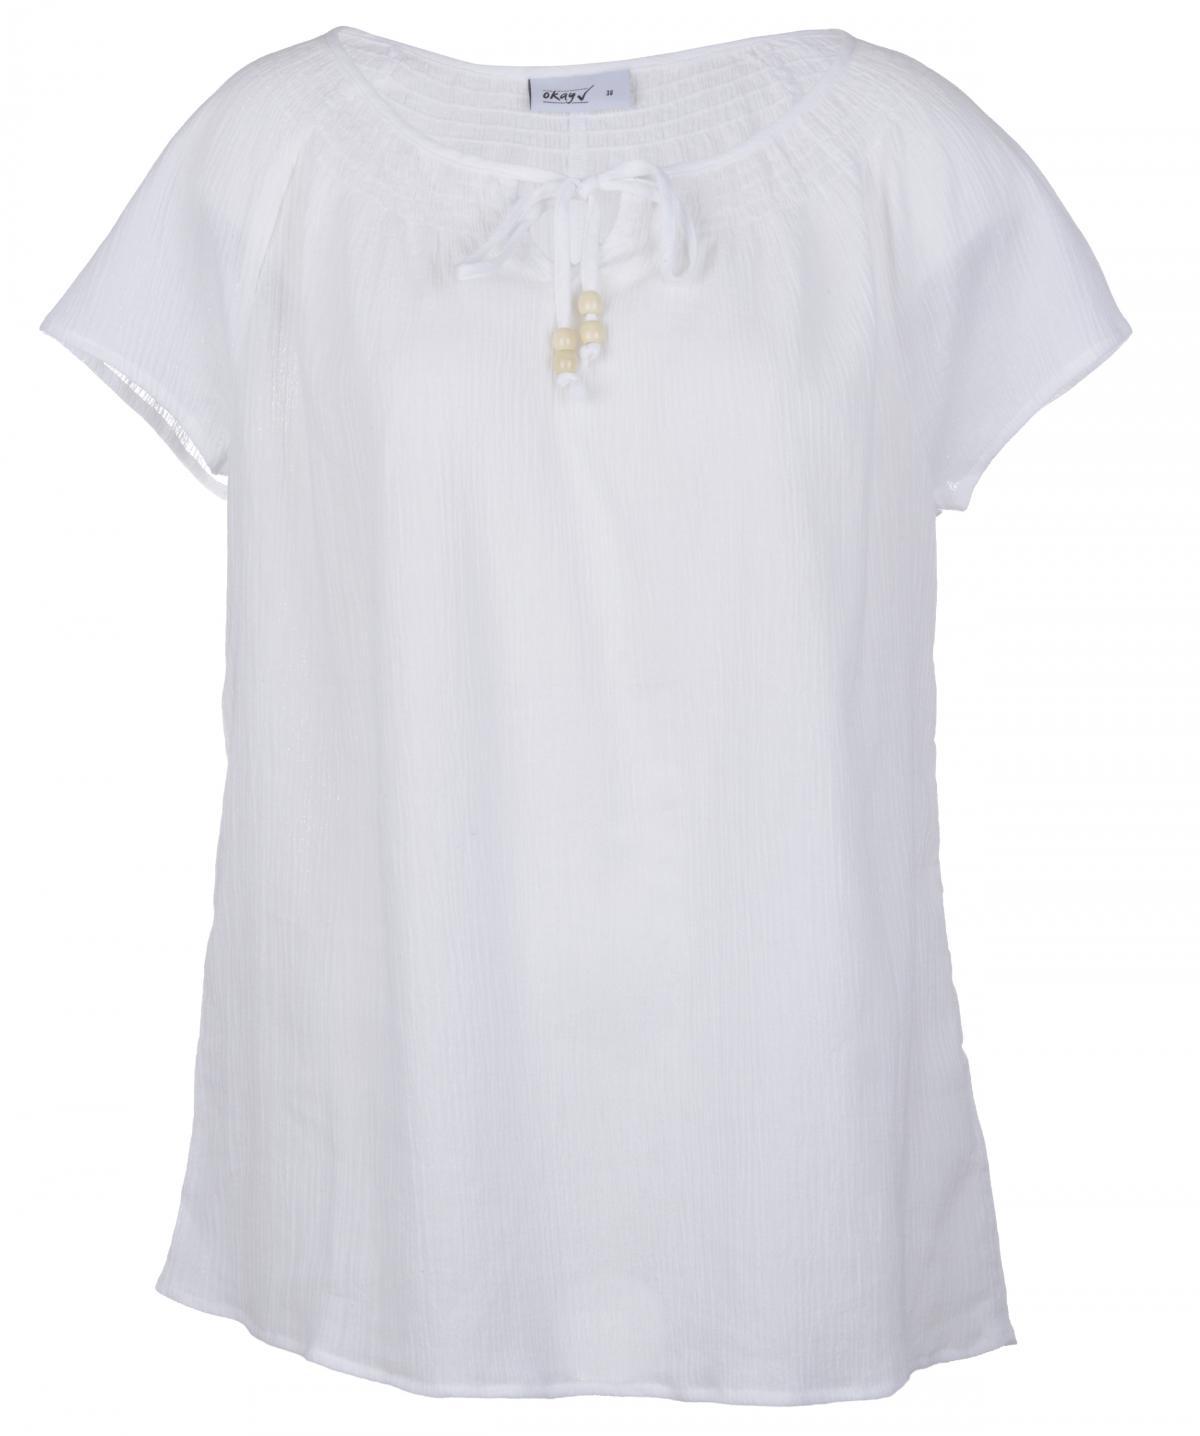 biała bluzeczka KiK - trendy na lato